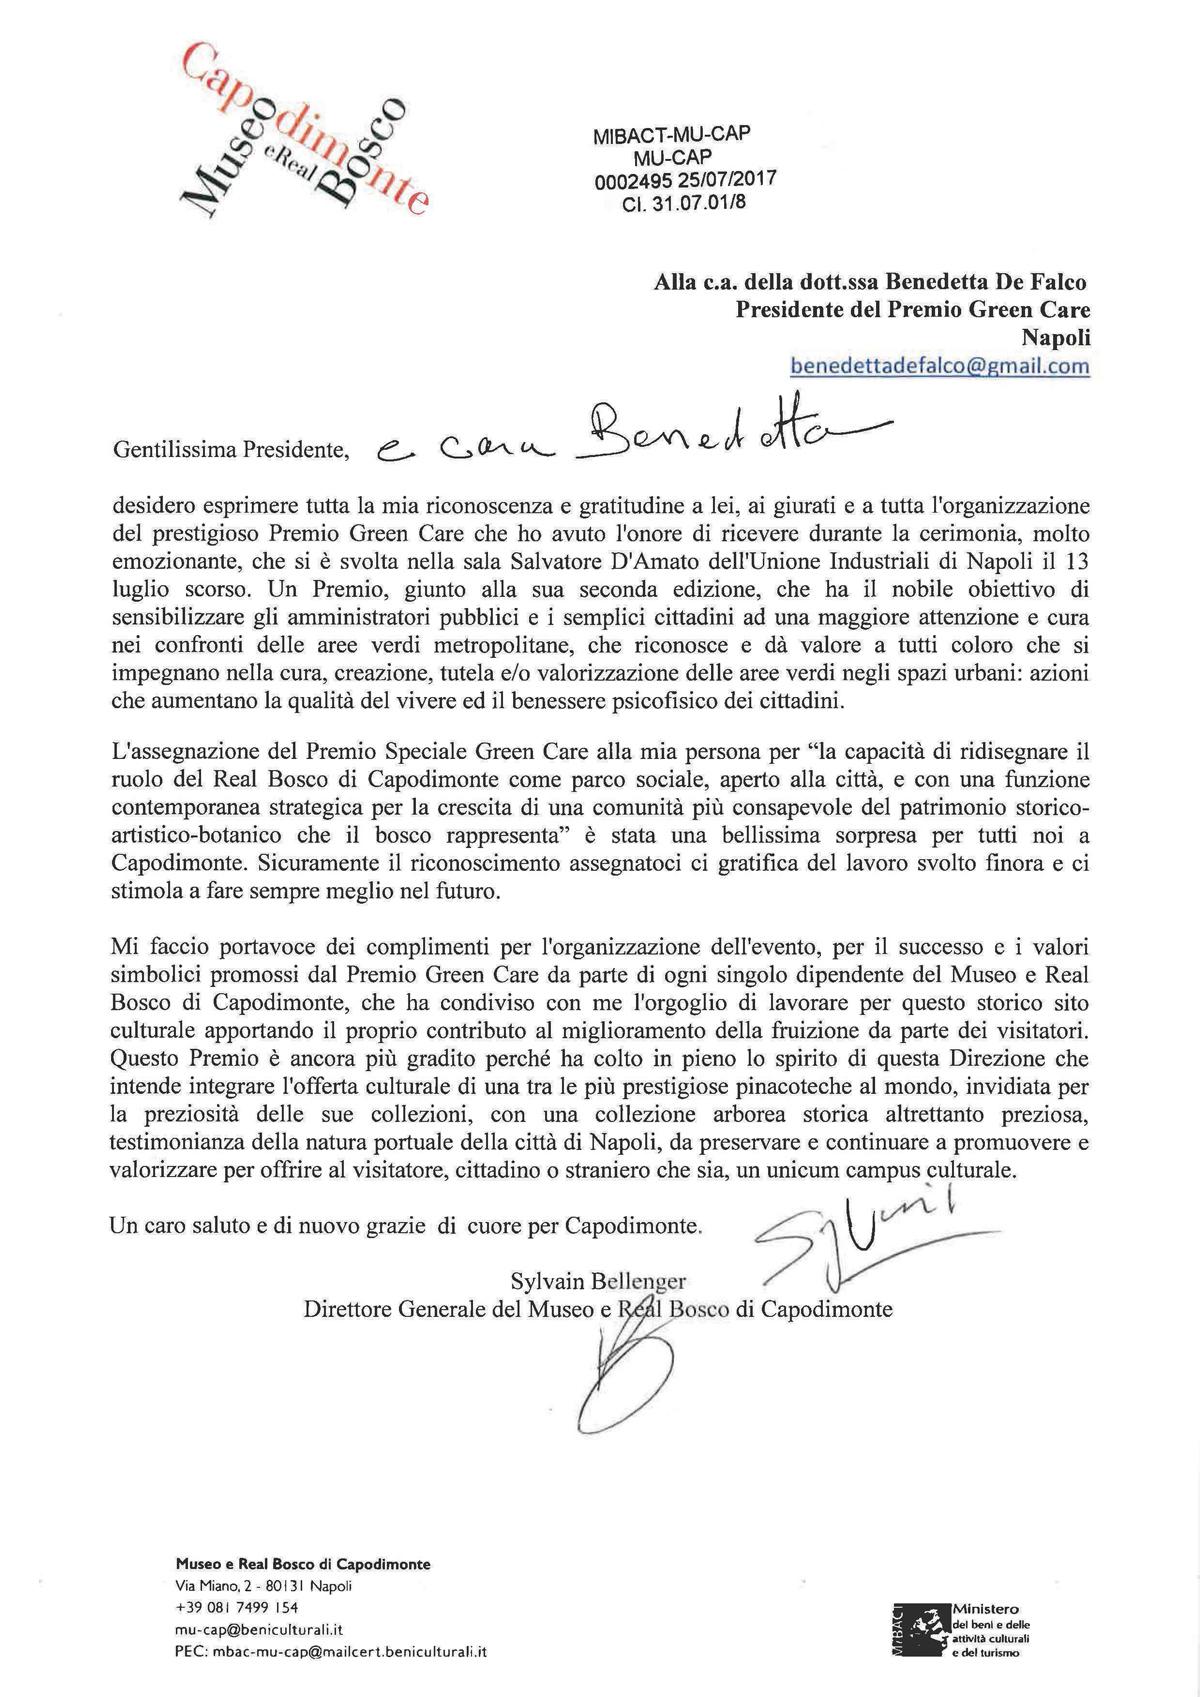 Sylvain Bellenger lettera premiato GreenCare